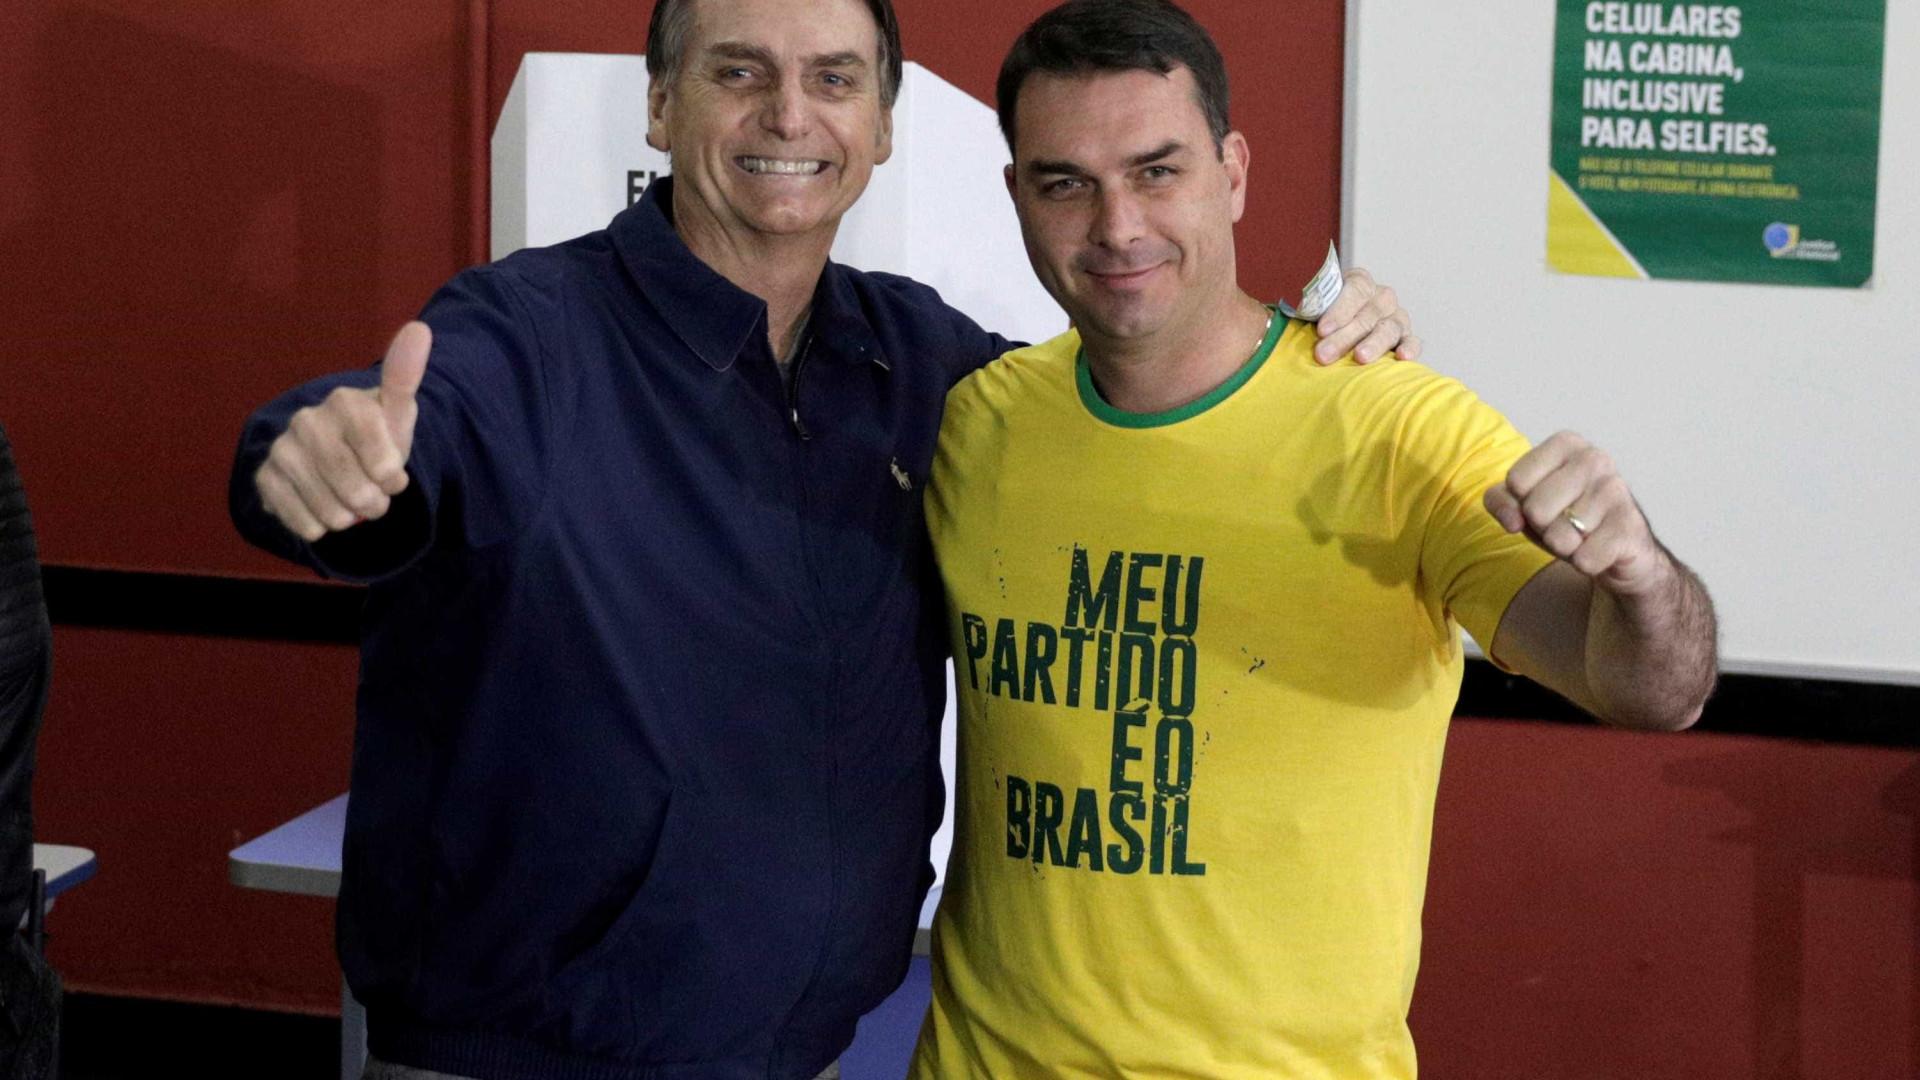 Flávio Bolsonaro também pediu anulação de provas no caso Queiroz